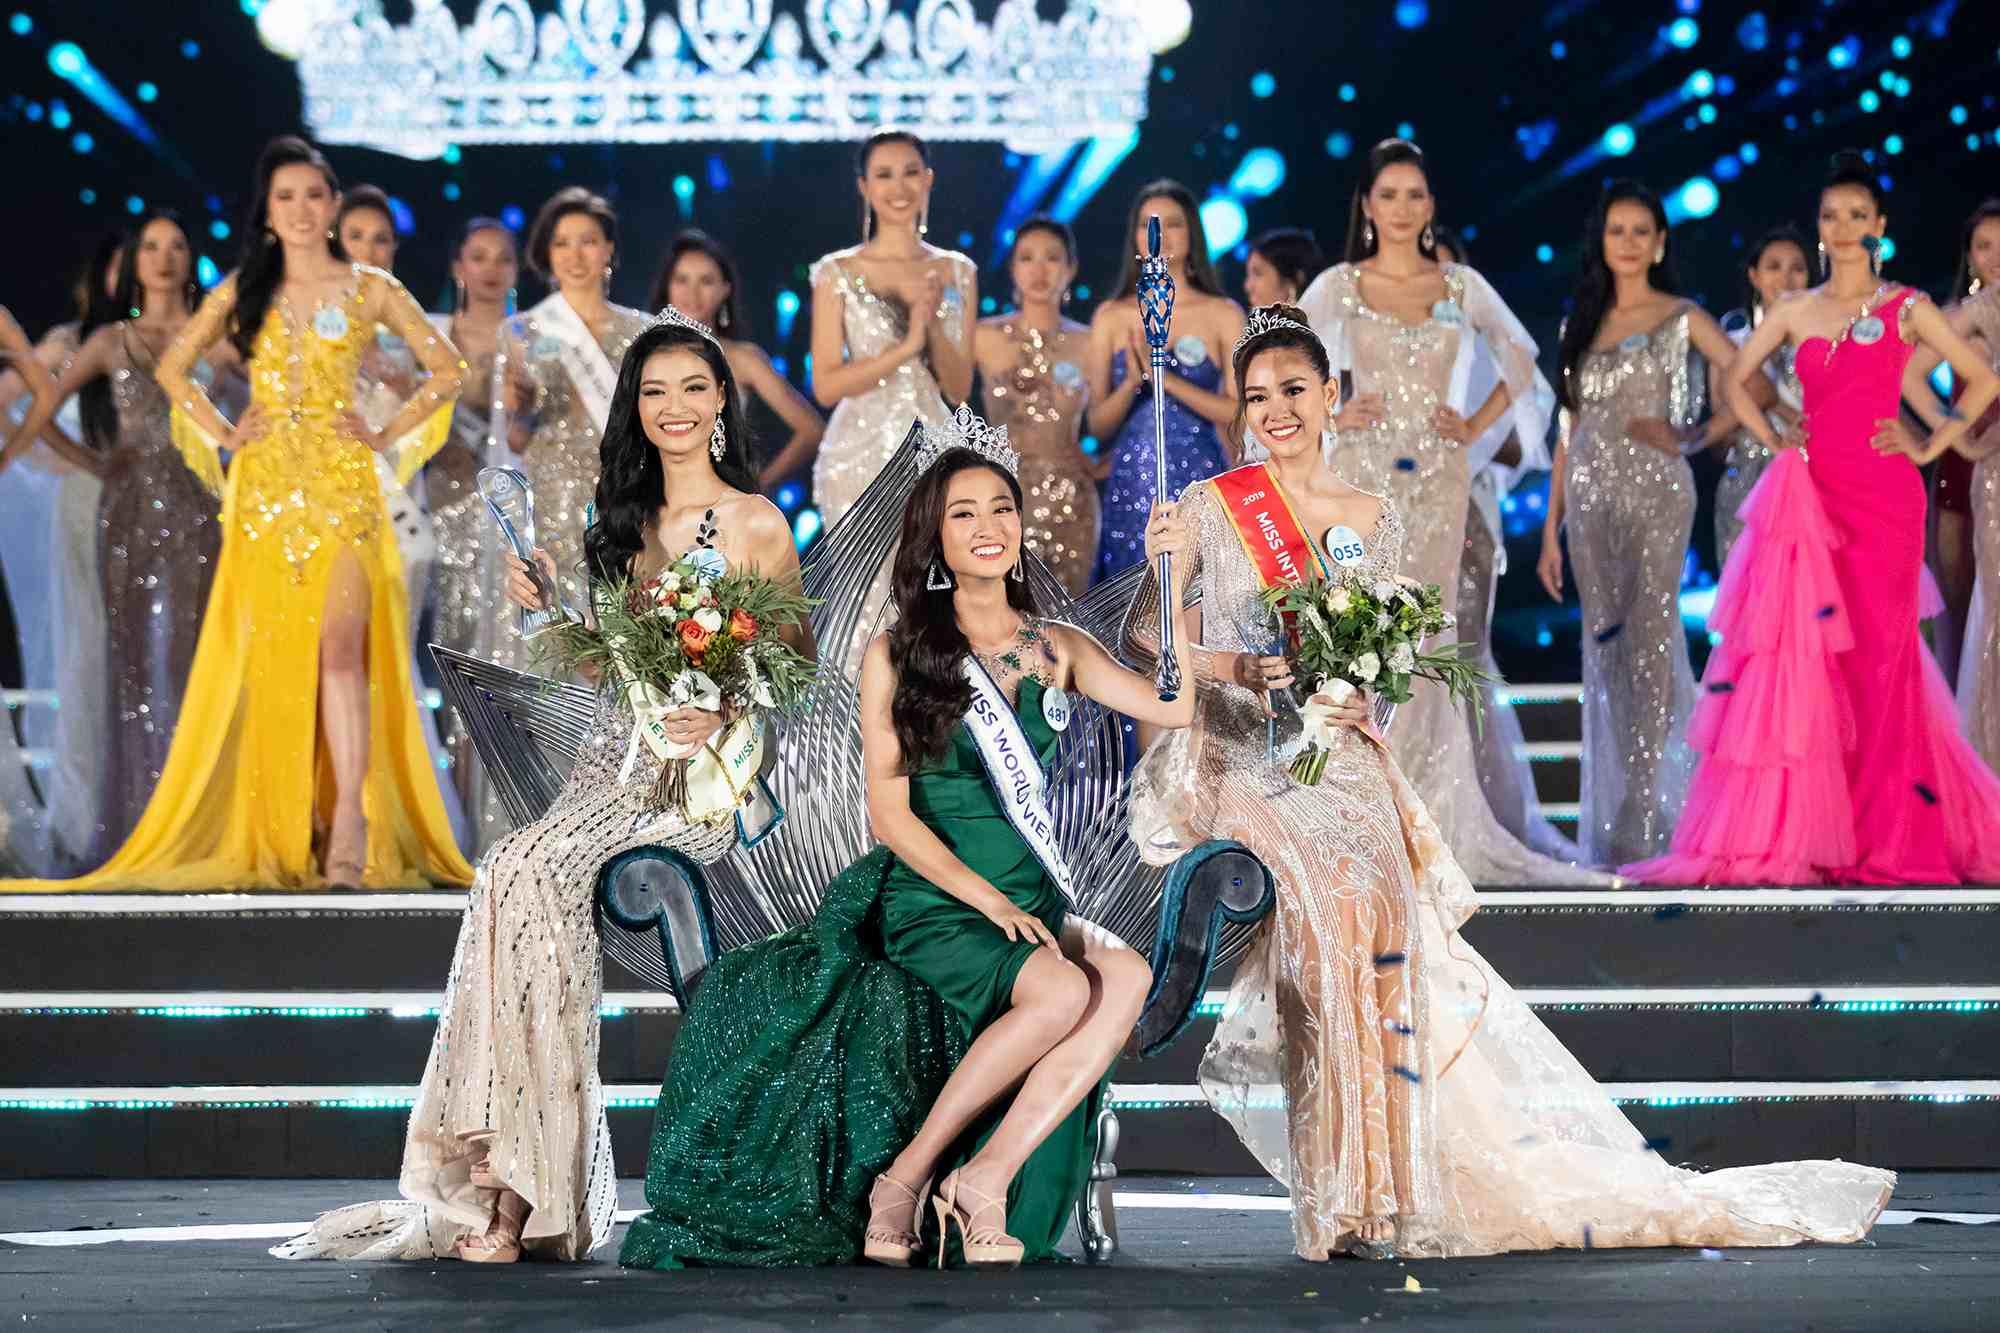 Nữ sinh Ngoại thương quê Cao Bằng đăng quang Hoa hậu Thế giới Việt Nam 2019 - 2